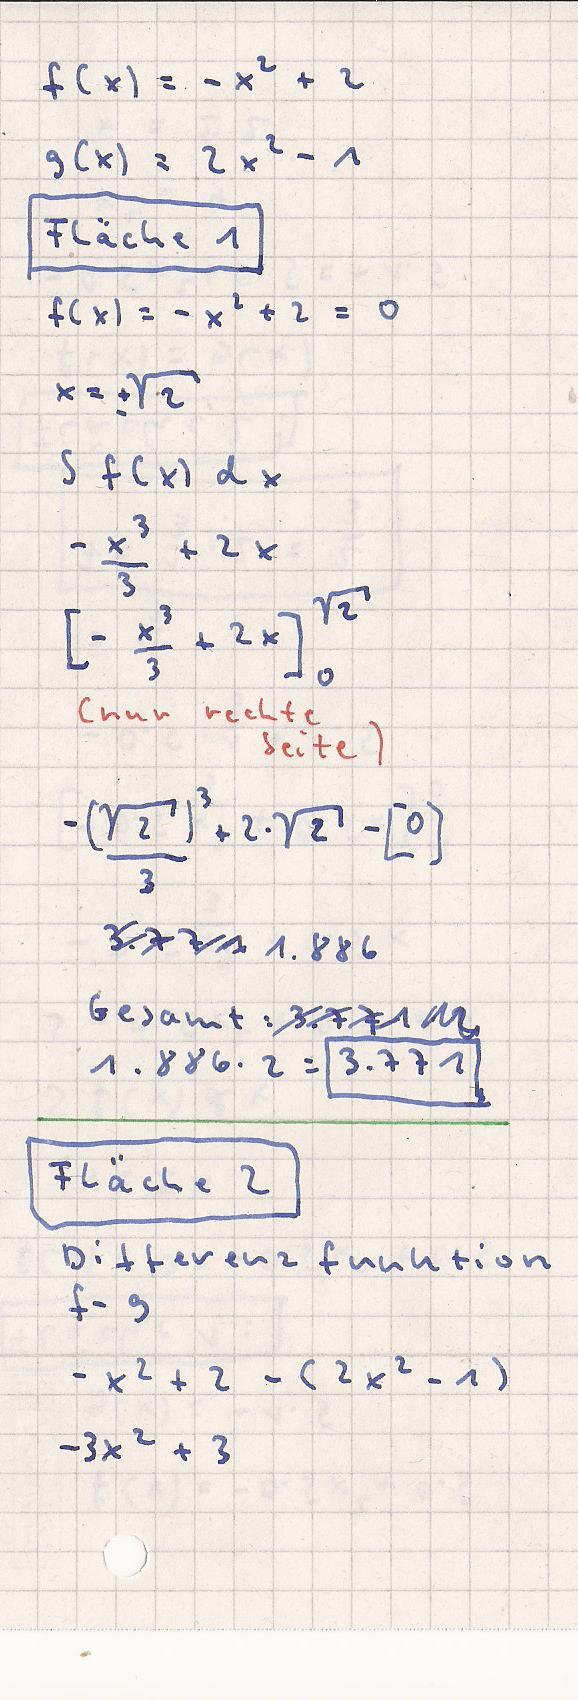 analysis integralrechnung fl chen in verschiedenen quadranten a f x 0 5x 2 0 5 g x 1. Black Bedroom Furniture Sets. Home Design Ideas